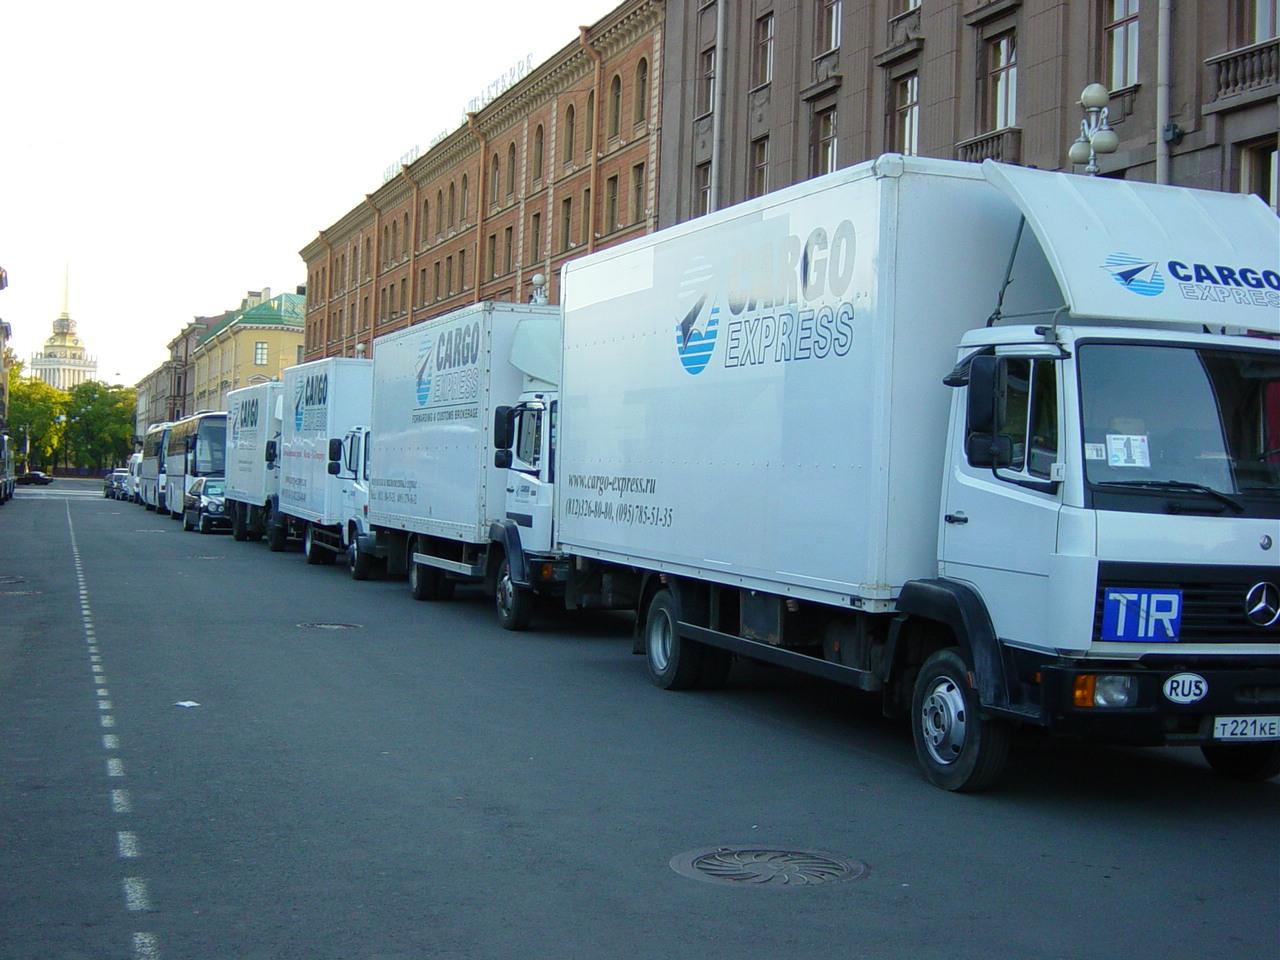 7d8d59840f6c5 Грузоперевозки Москва - Санкт-Петербург от 400 руб